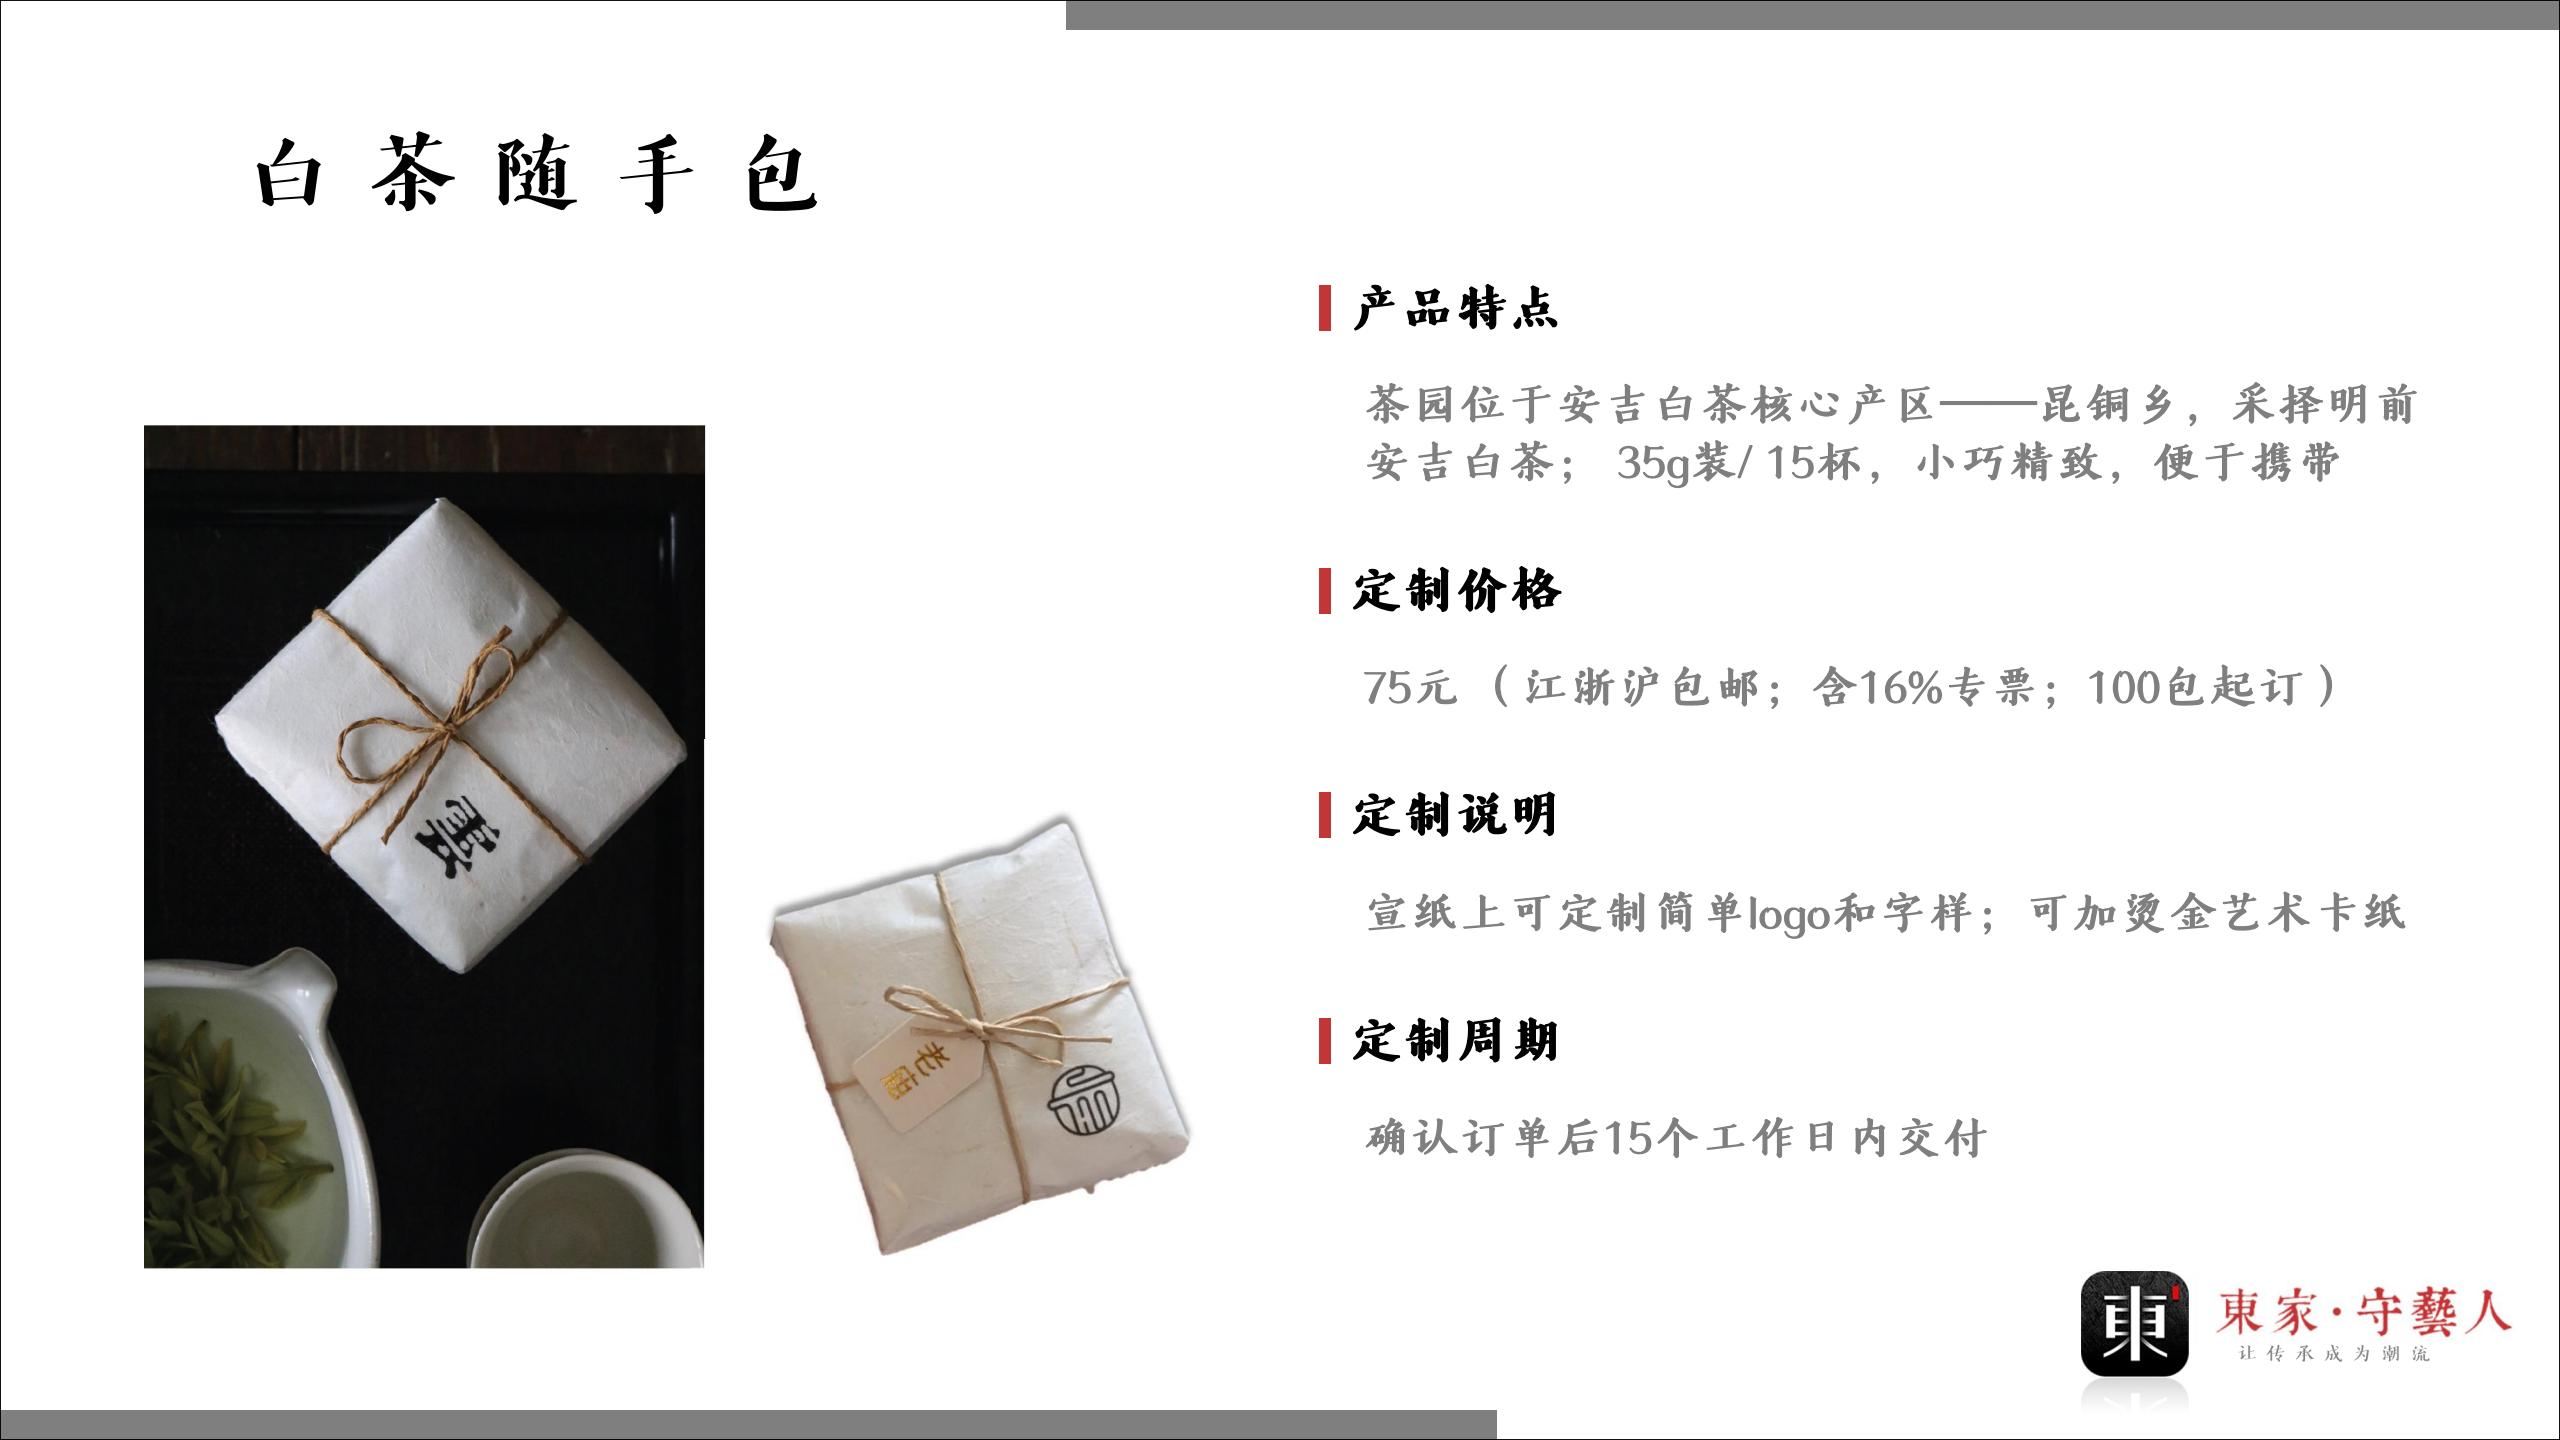 东家定制0831(2)_01.png